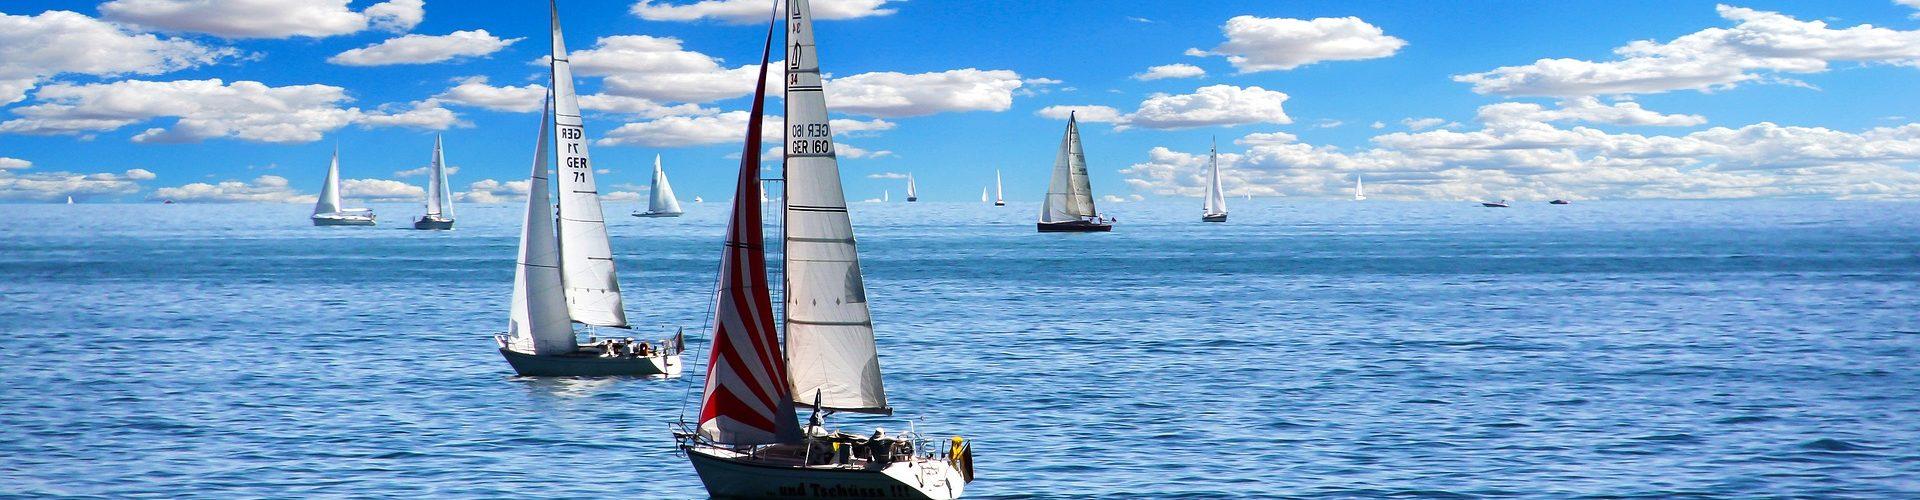 segeln lernen in Ralswiek segelschein machen in Ralswiek 1920x500 - Segeln lernen in Ralswiek